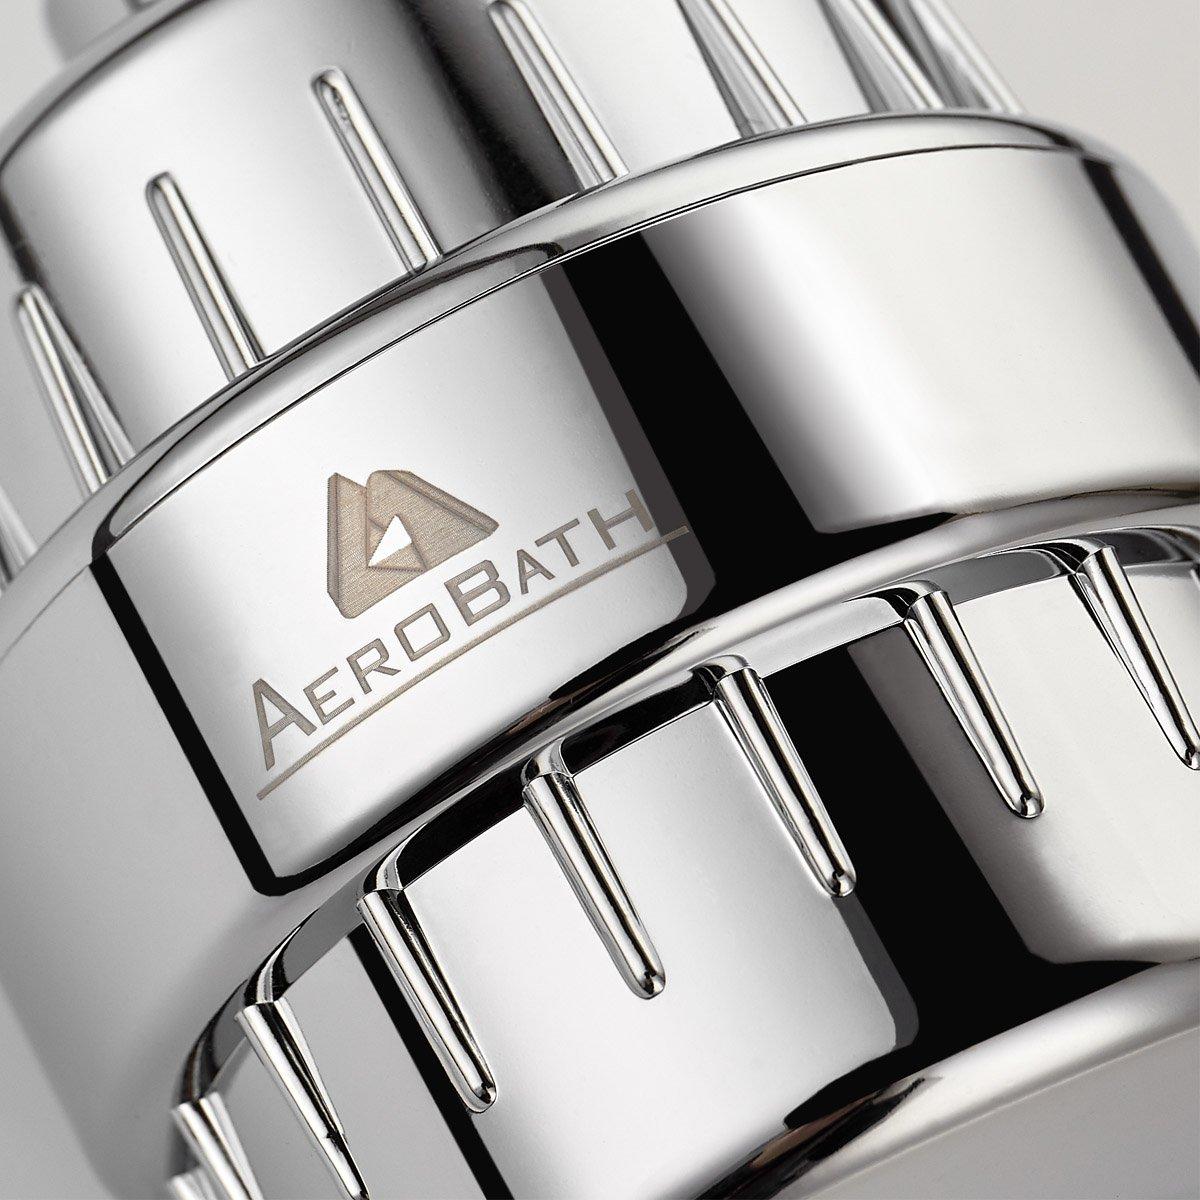 2018 Filtro para Ducha Universal de alta salida Aerobath elimina cloro cal y metales pesados con nueva columna de calcio de alta eficiencia de sulfito de calcio Purificador de m/últiples etapas